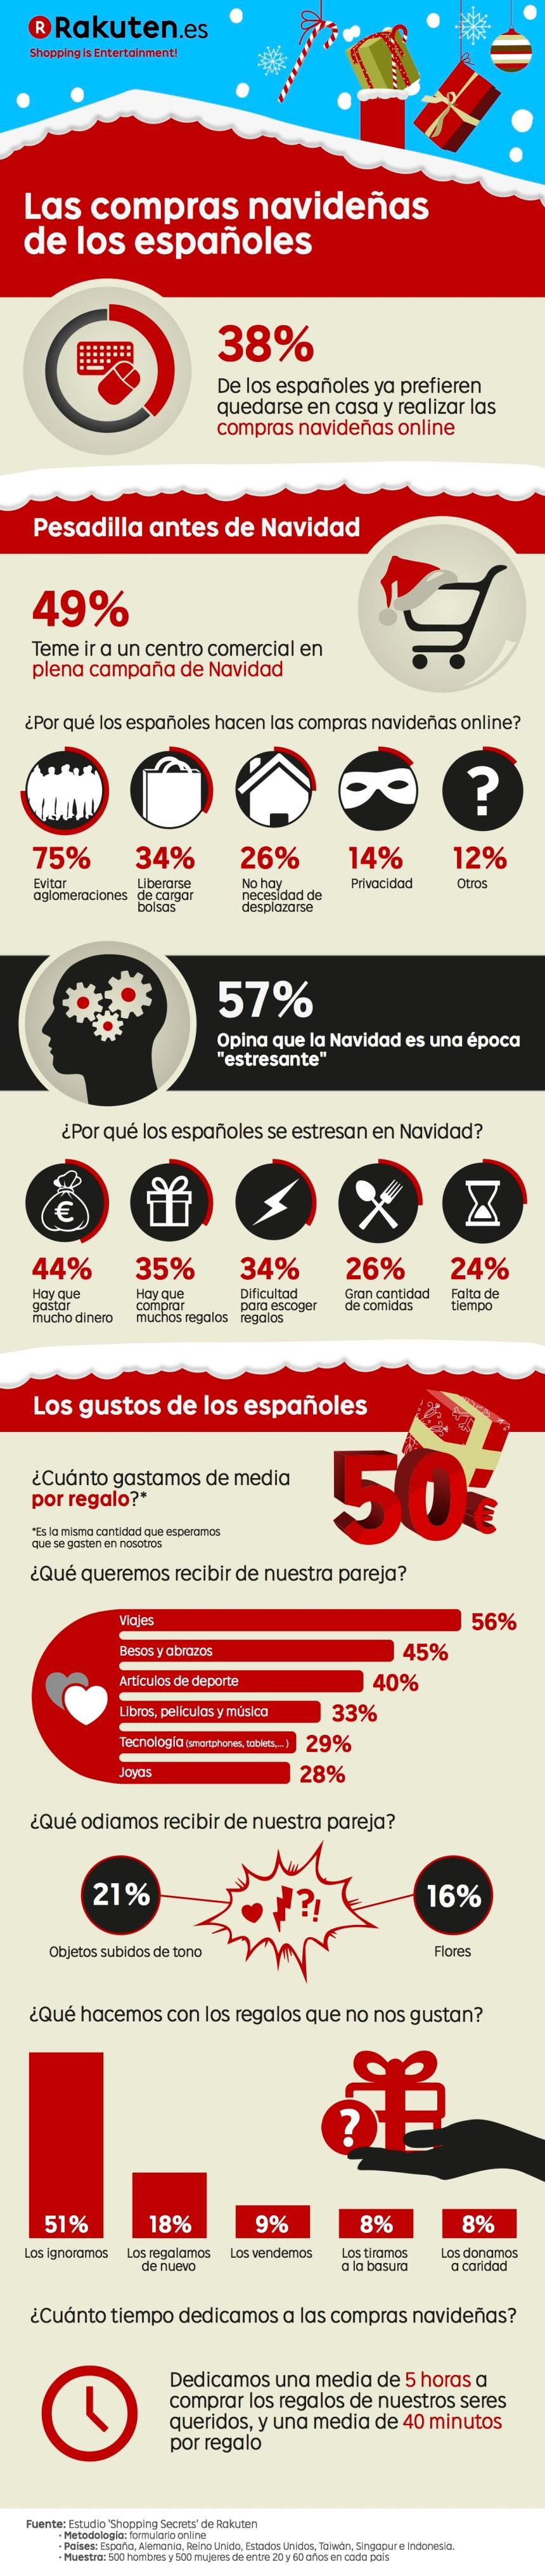 Las compras navideñas de los españoles